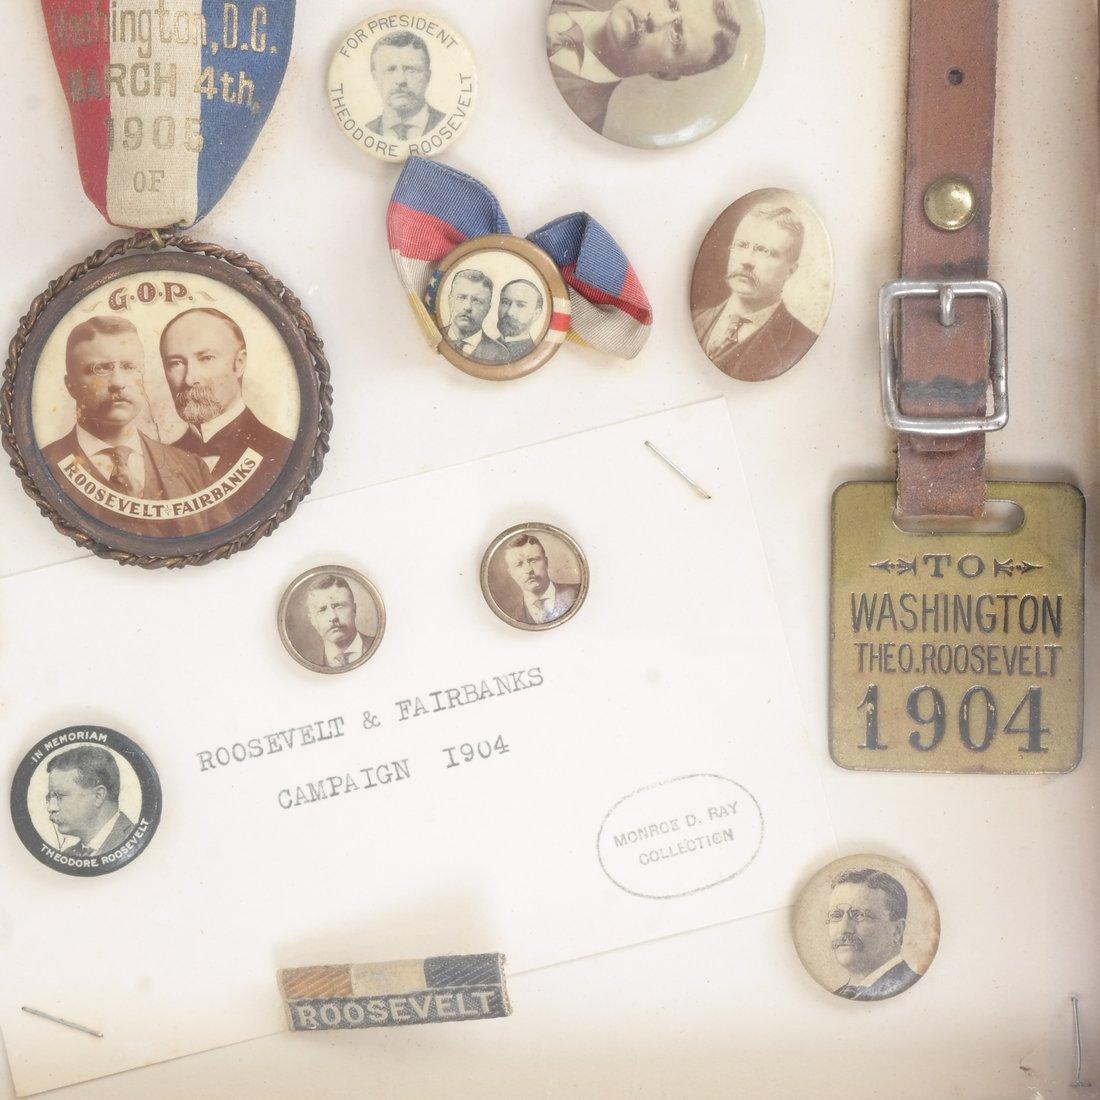 Monroe D. Ray Frame - T. Roosevelt & C.W. Fairbanks - 4